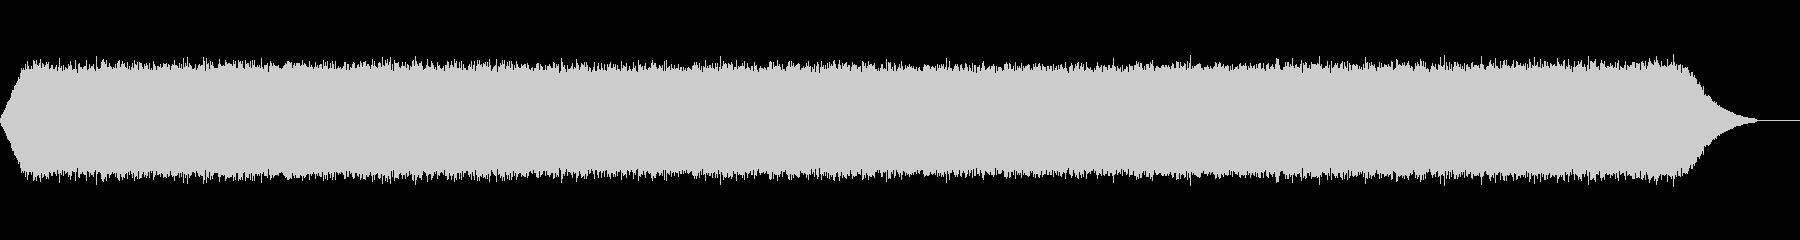 リリリリリリリリ(鈴虫の鳴き声)の未再生の波形